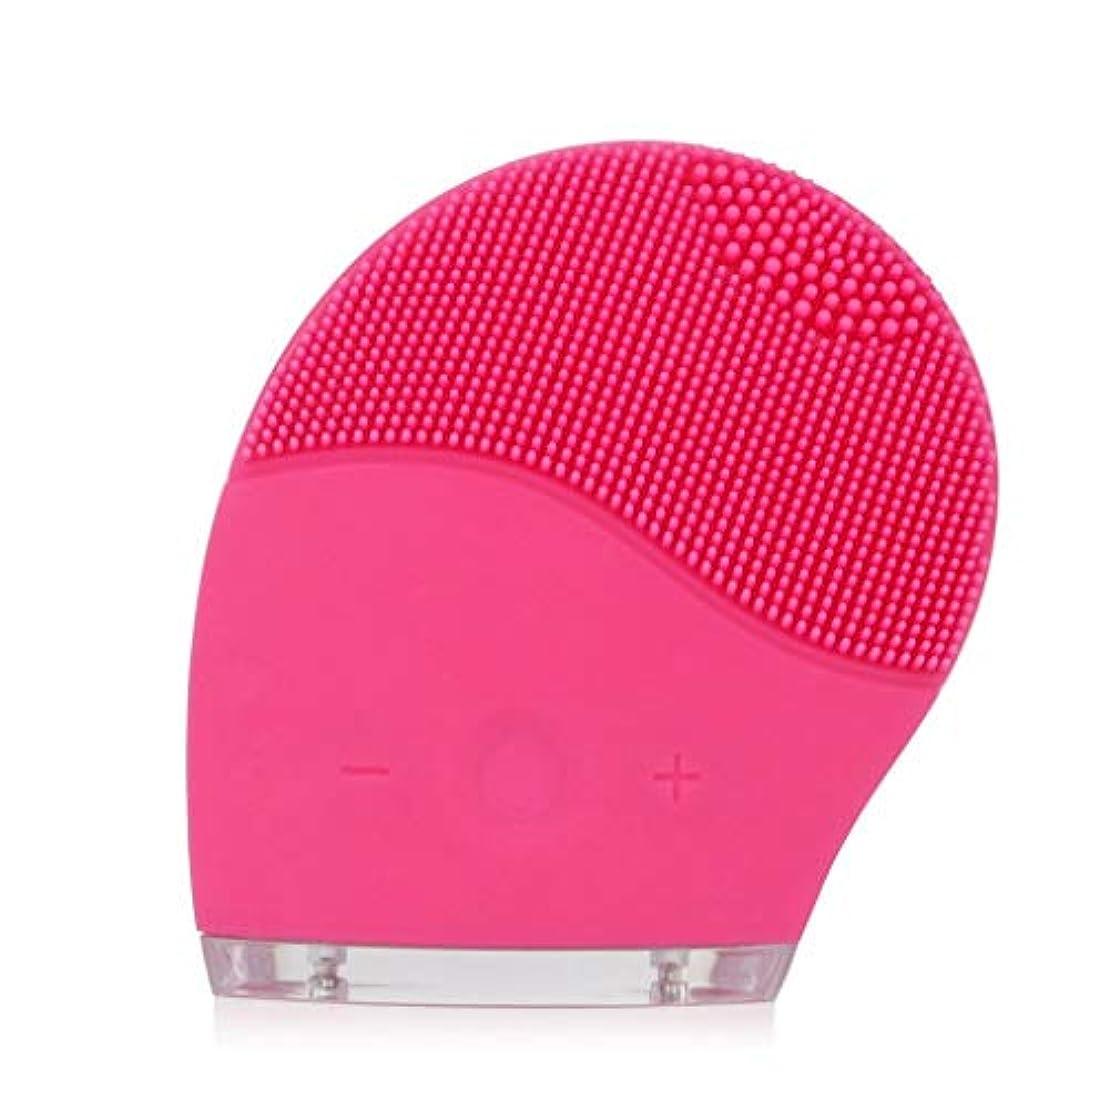 追い越す振動させる筋フェイシャルクレンジングブラシ、電気シリコーンフェイシャルマッサージブラシ防水アンチエイジングスキンクレンザー、ディープエクスフォリエイティングメイクアップツール、フェイシャルポリッシュ、スクラブ (Color : Pink)